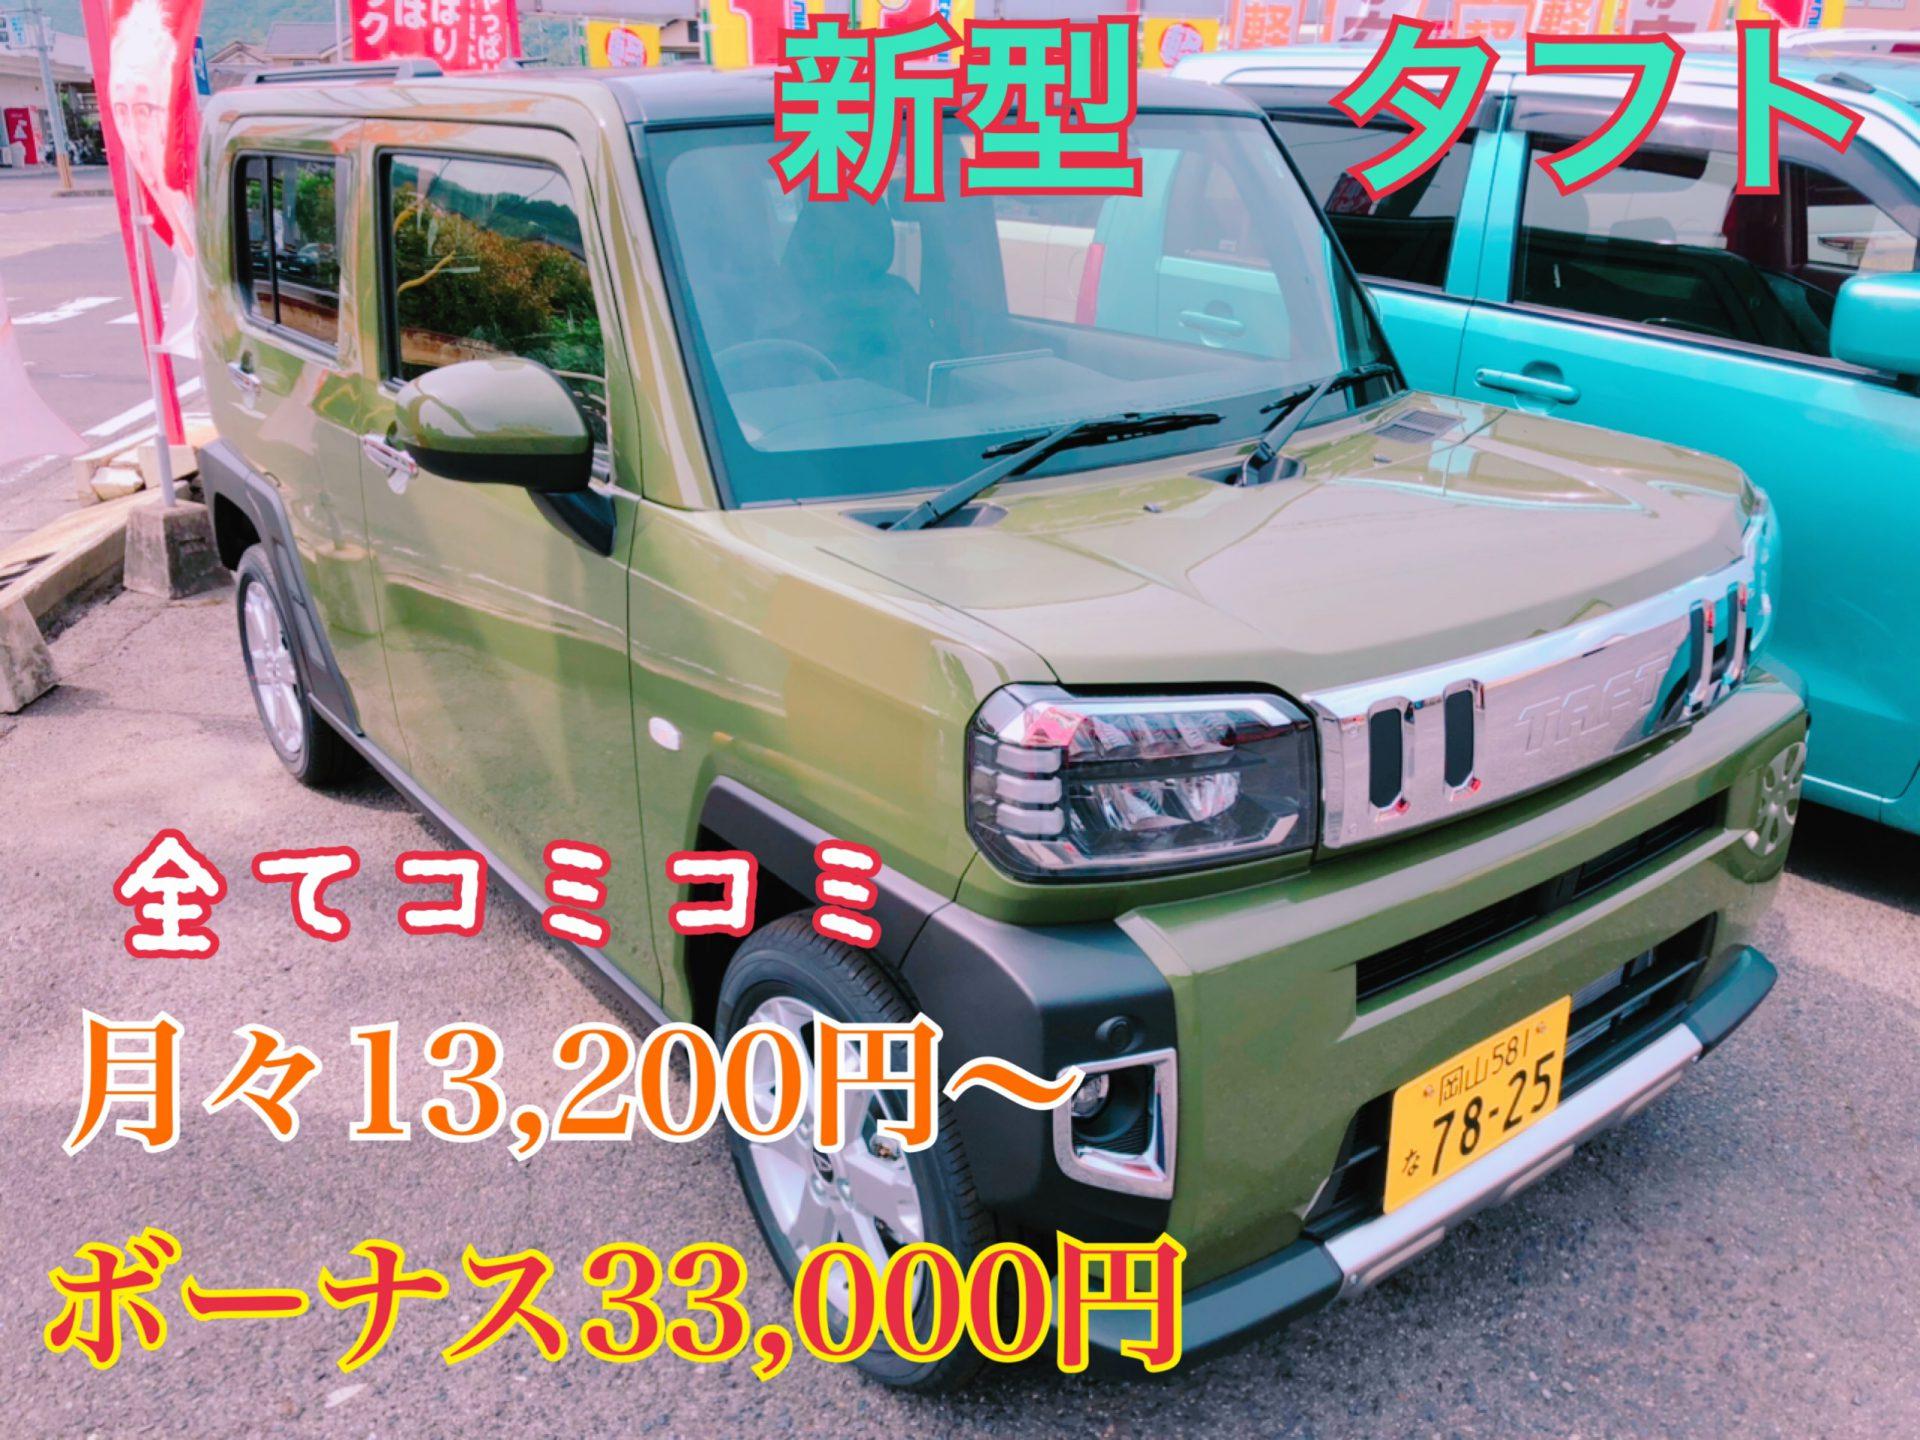 新車 タフト 人気 岡山市